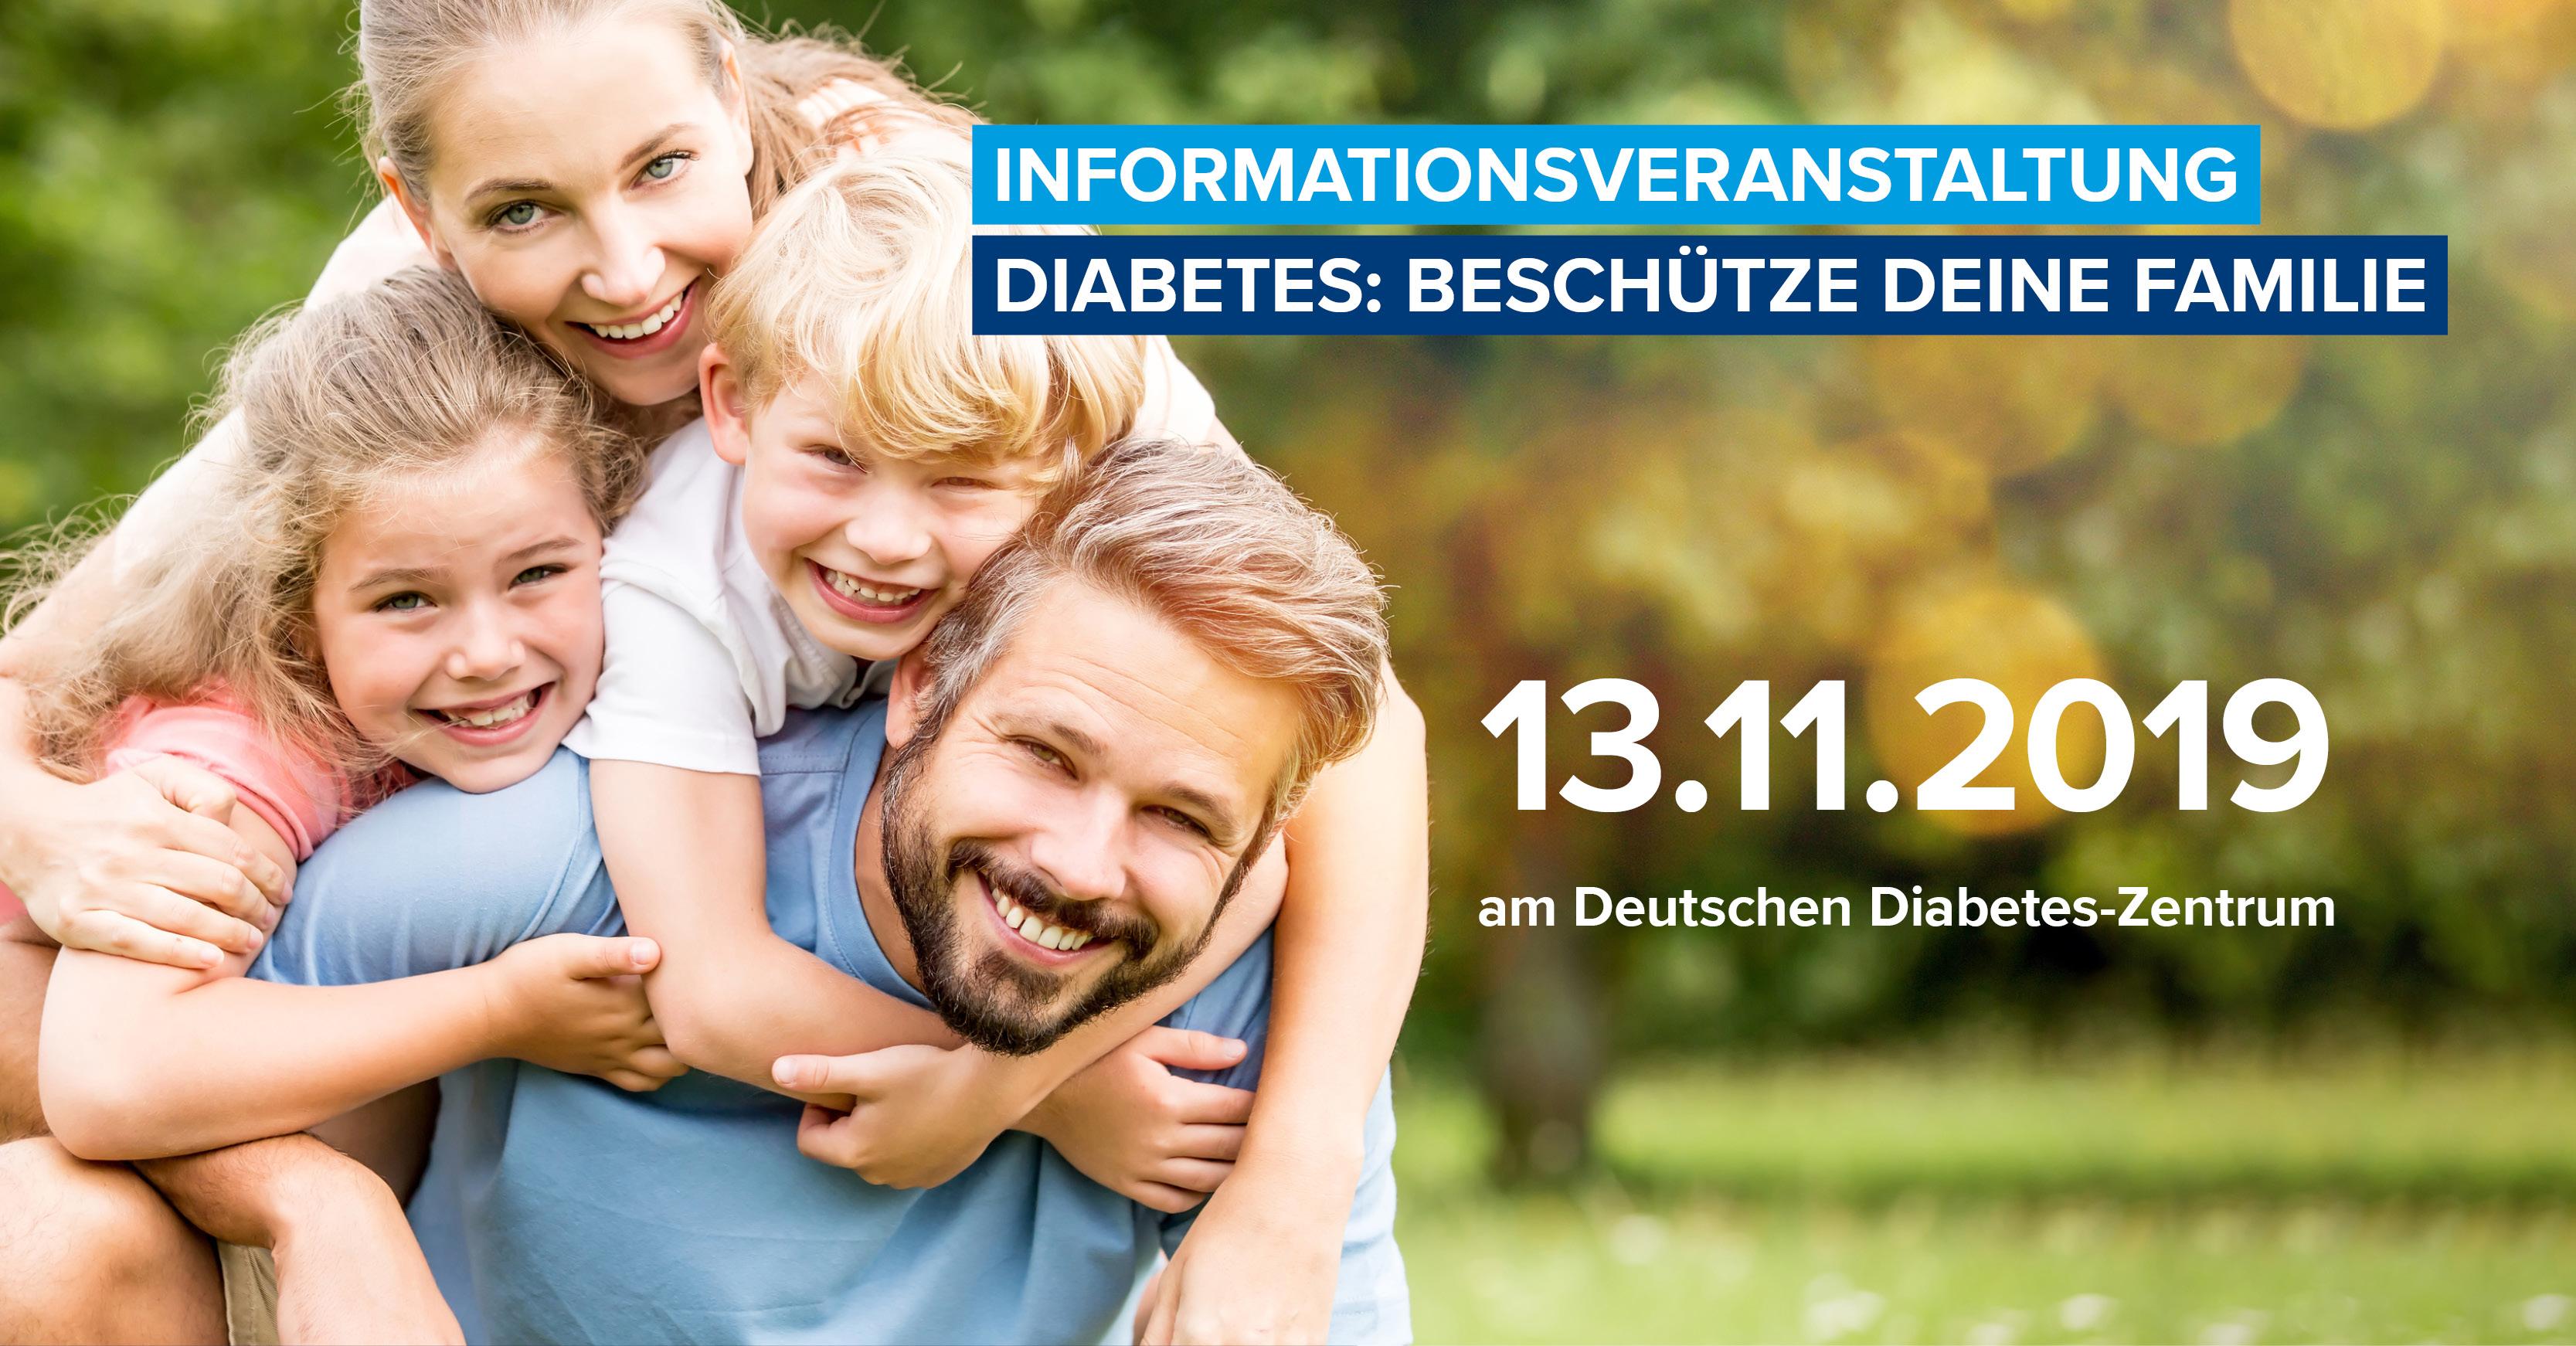 """Informationsveranstaltung """"Diabetes: Beschütze deine Familie"""" am DDZ zum Weltdiabetestag am 13.11.2019"""